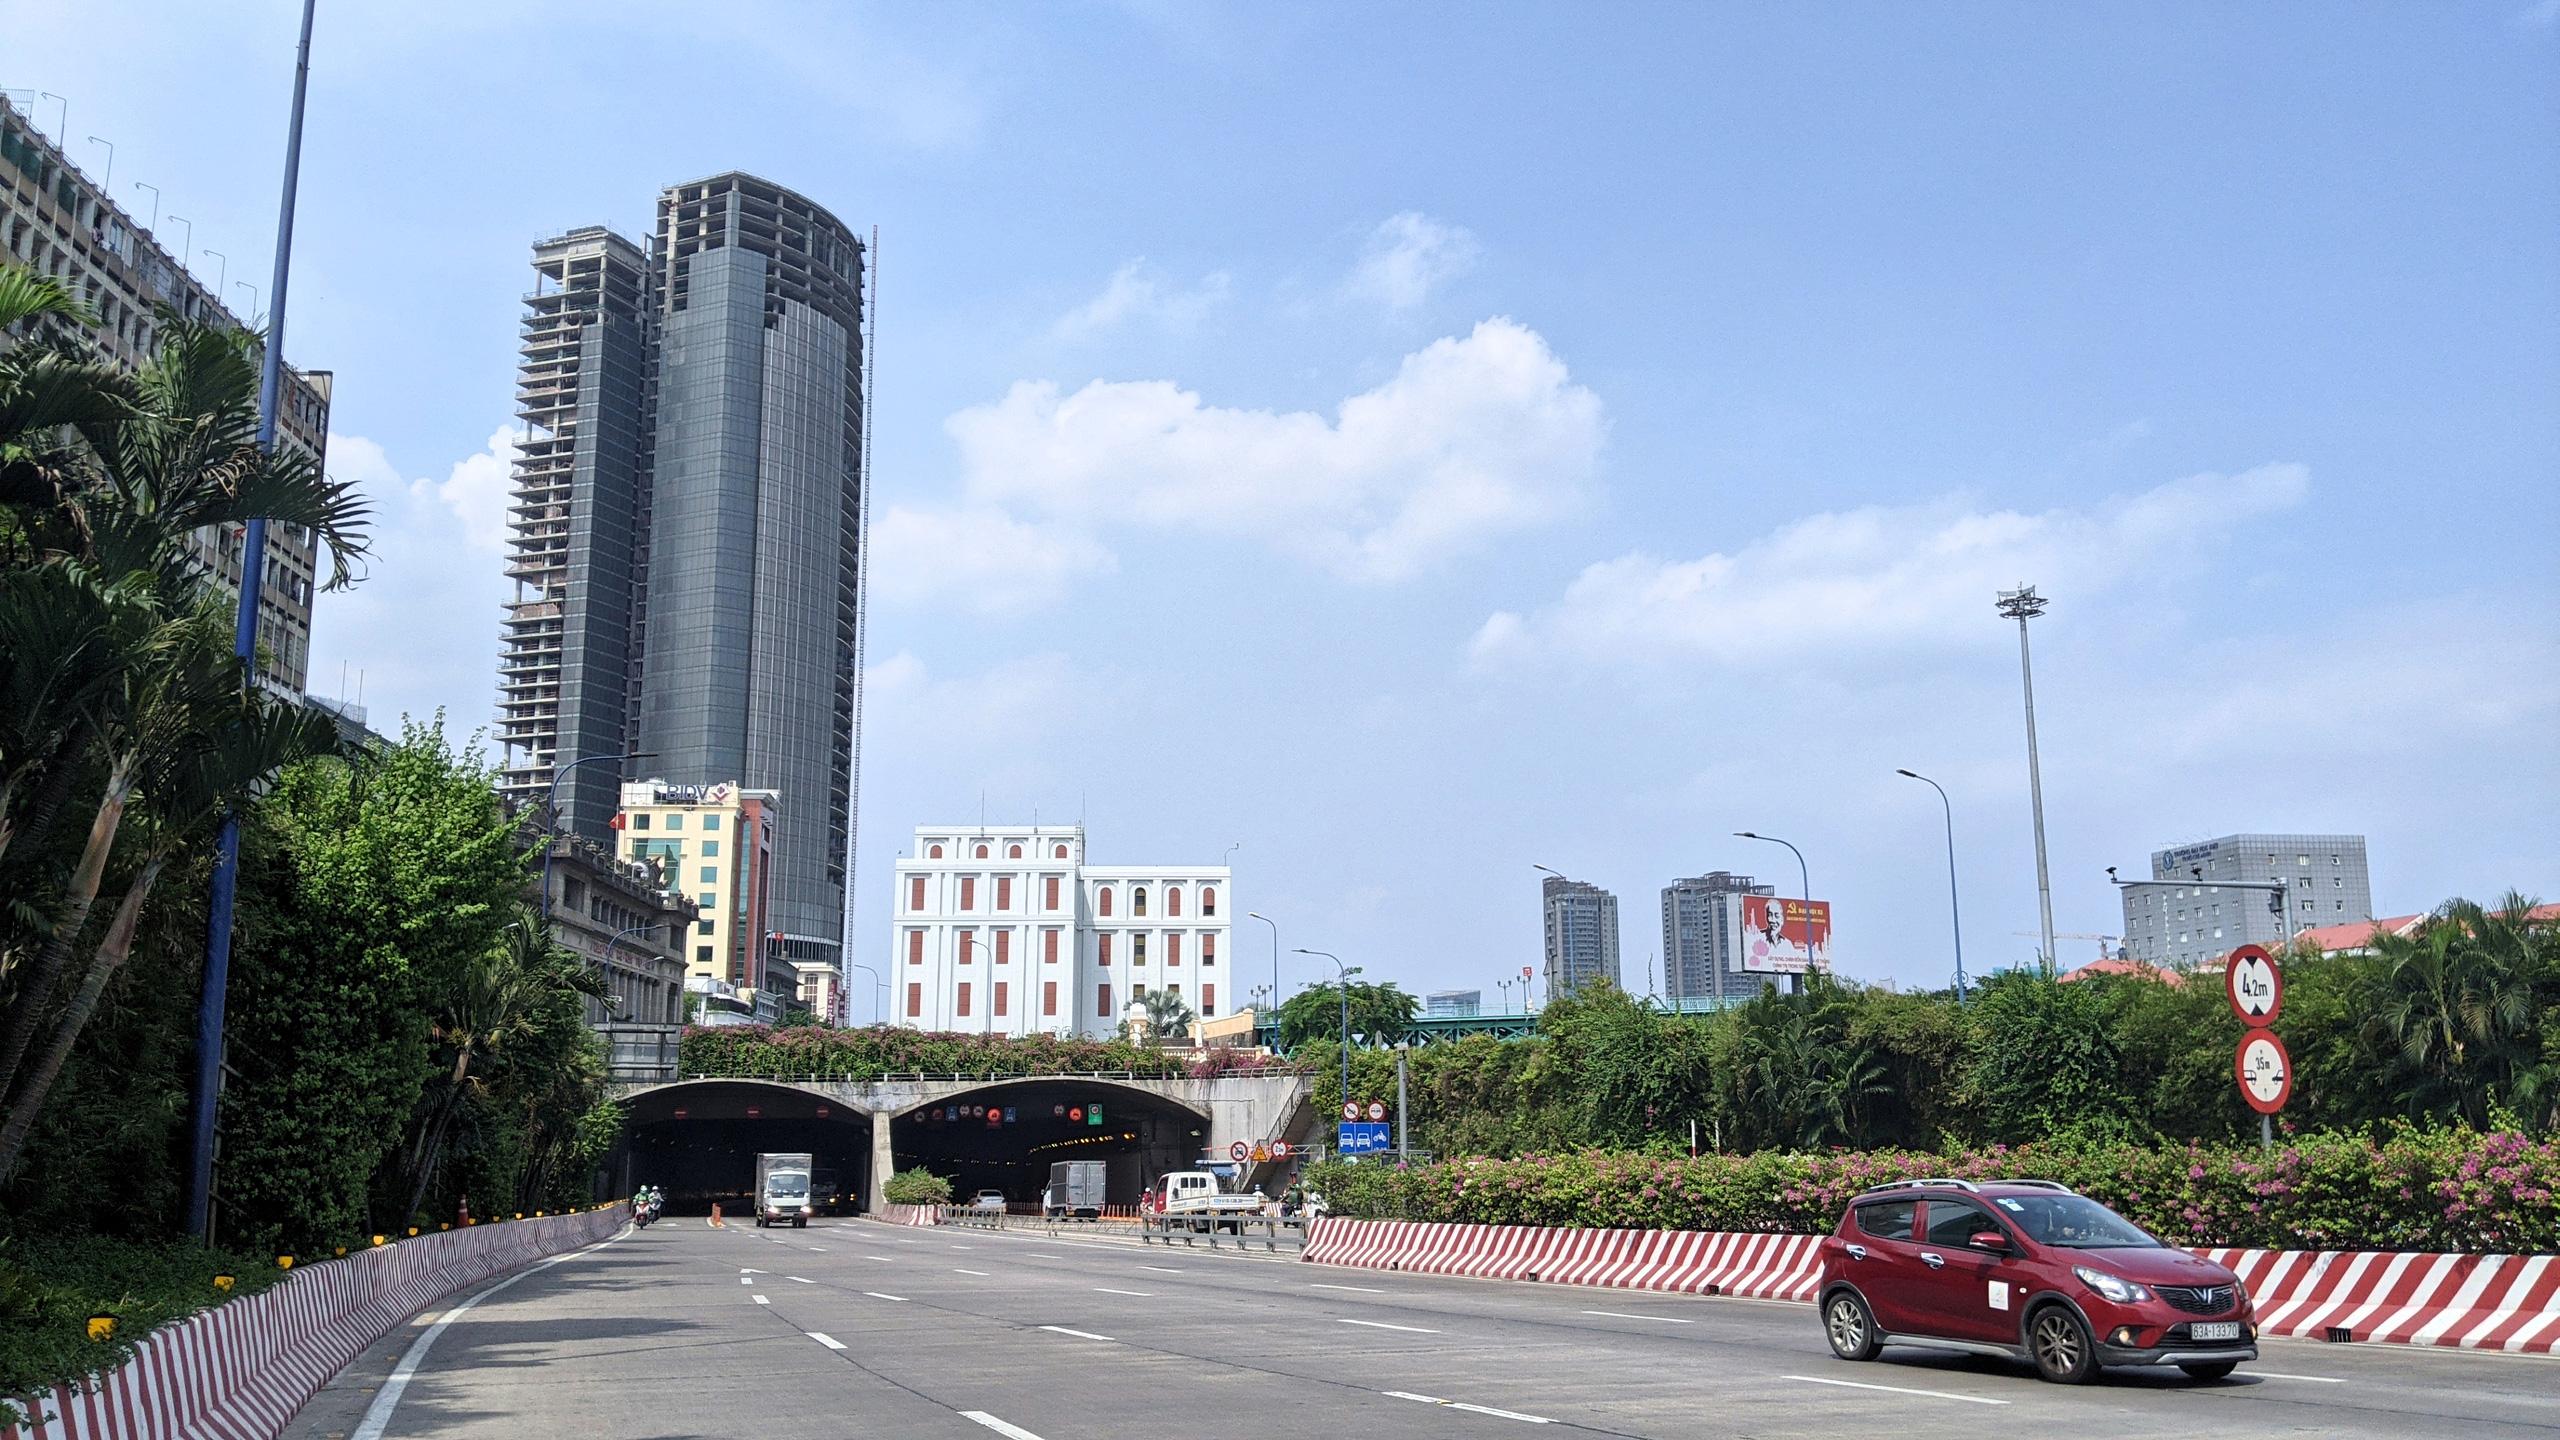 Cận cảnh Đại lộ Đông Tây của TP HCM sau gần một thập kỷ - Ảnh 9.